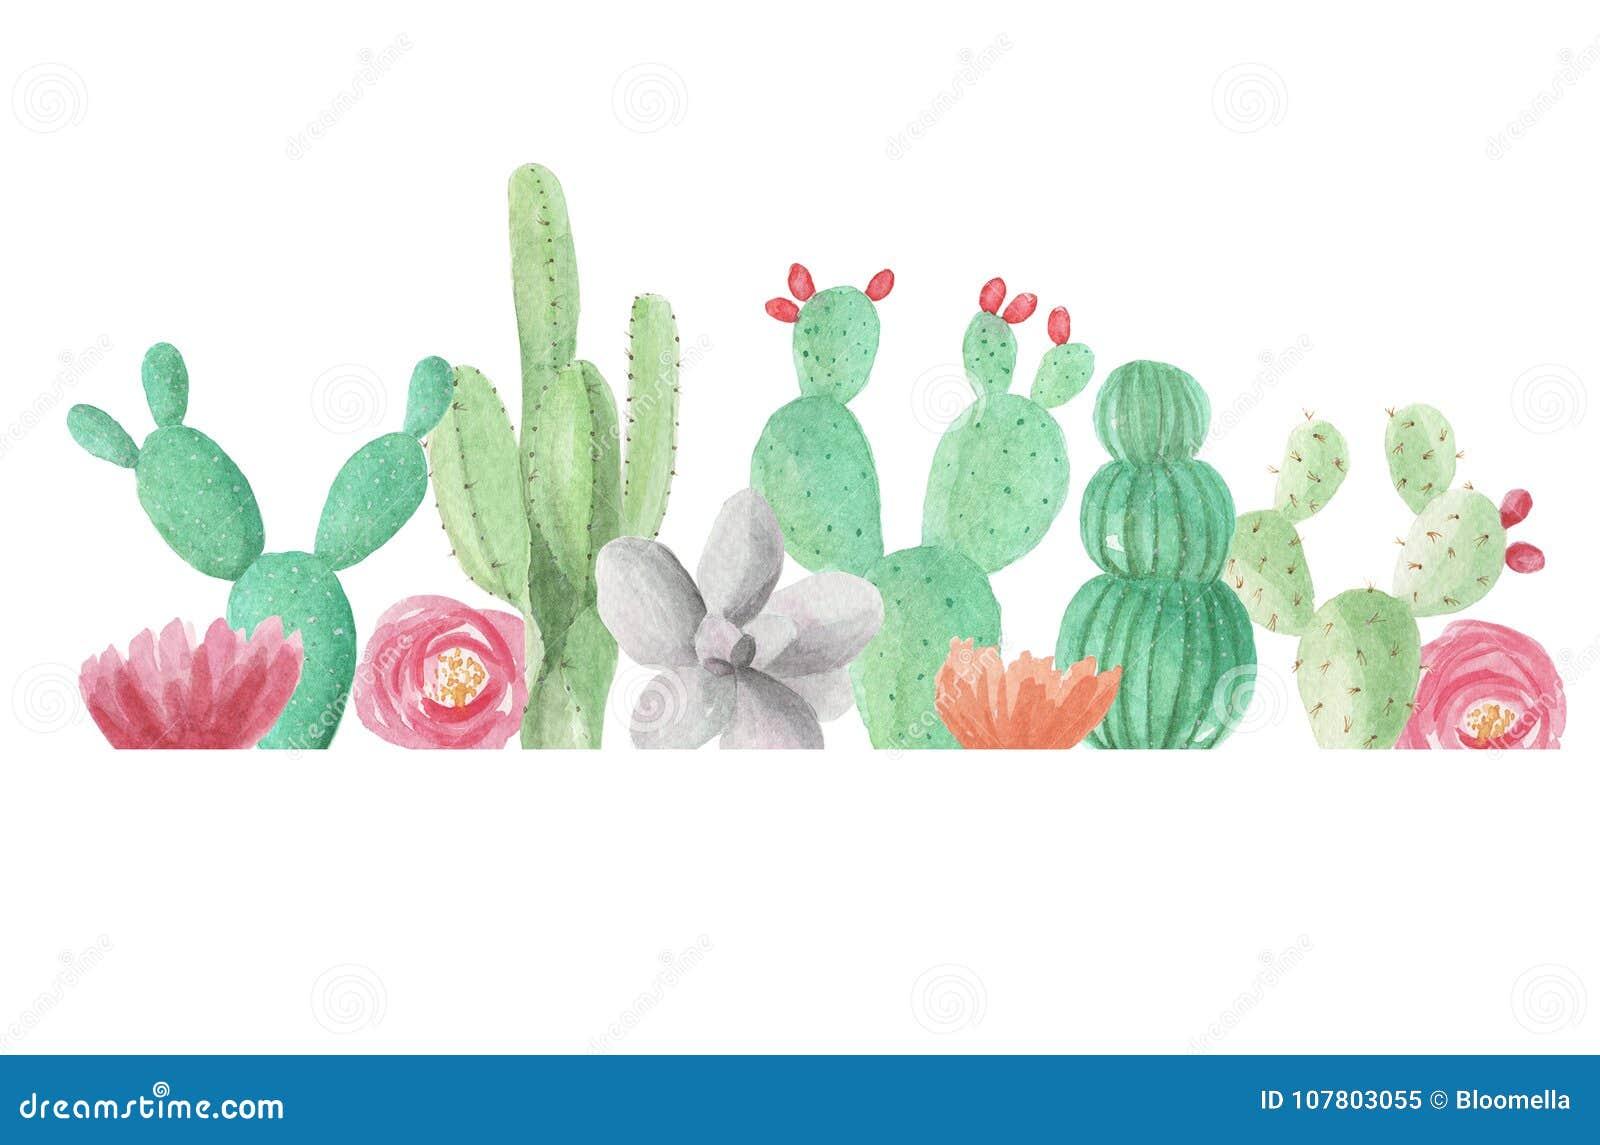 Πράσινο καλοκαίρι γαμήλιας άνοιξης πλαισίων Succulents κάκτων κάκτων συνόρων Watercolor